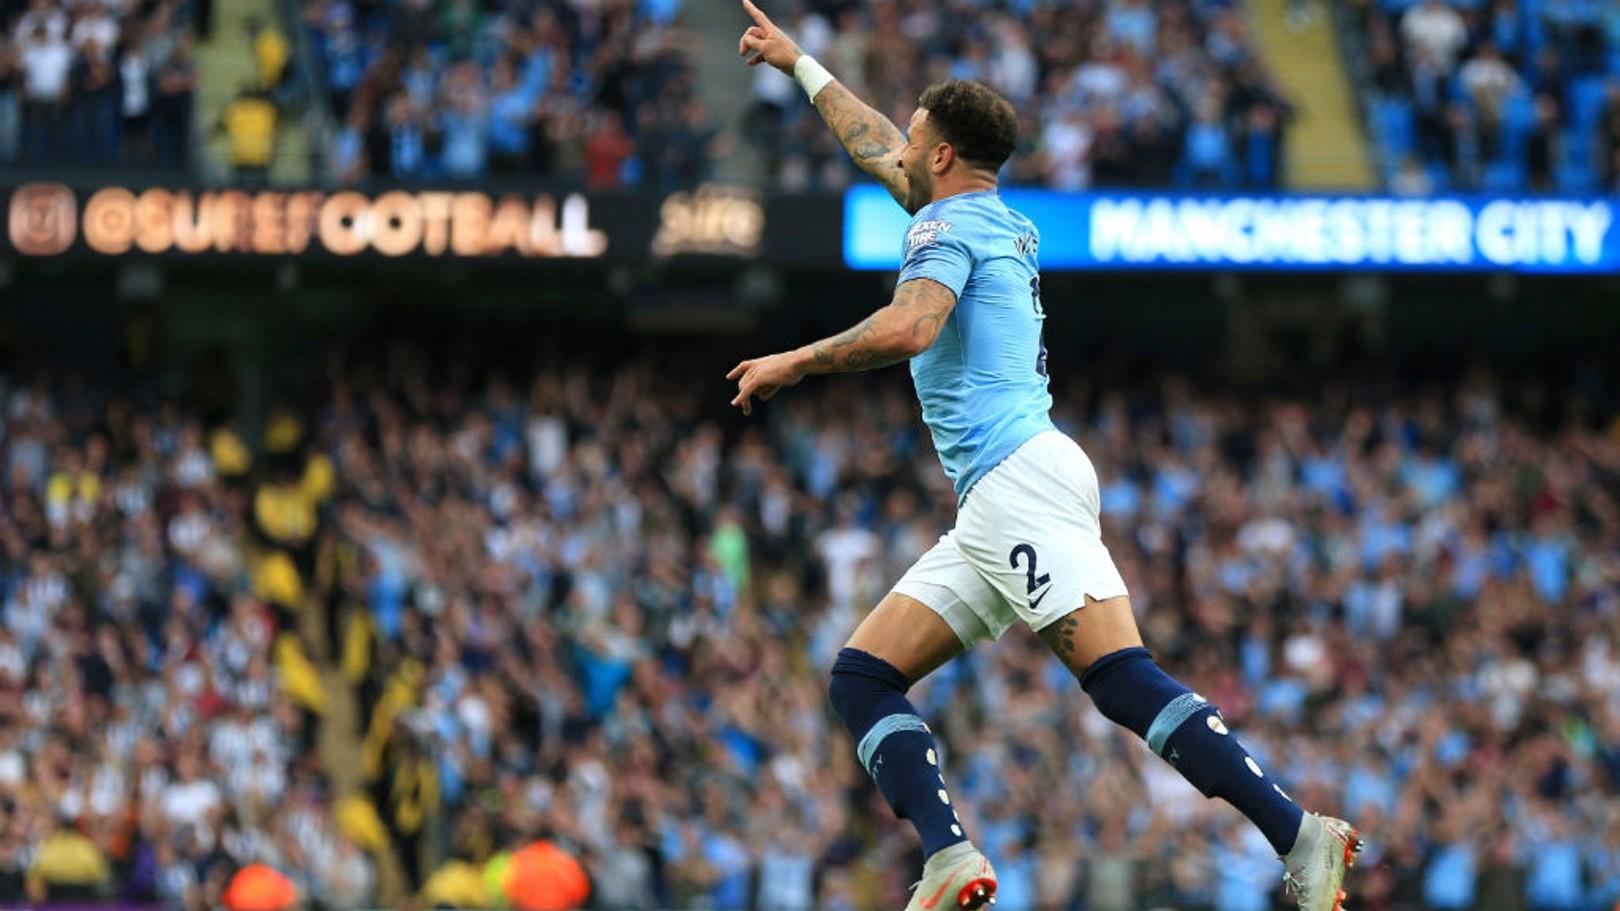 WALKER: Autor do gol da vitória!